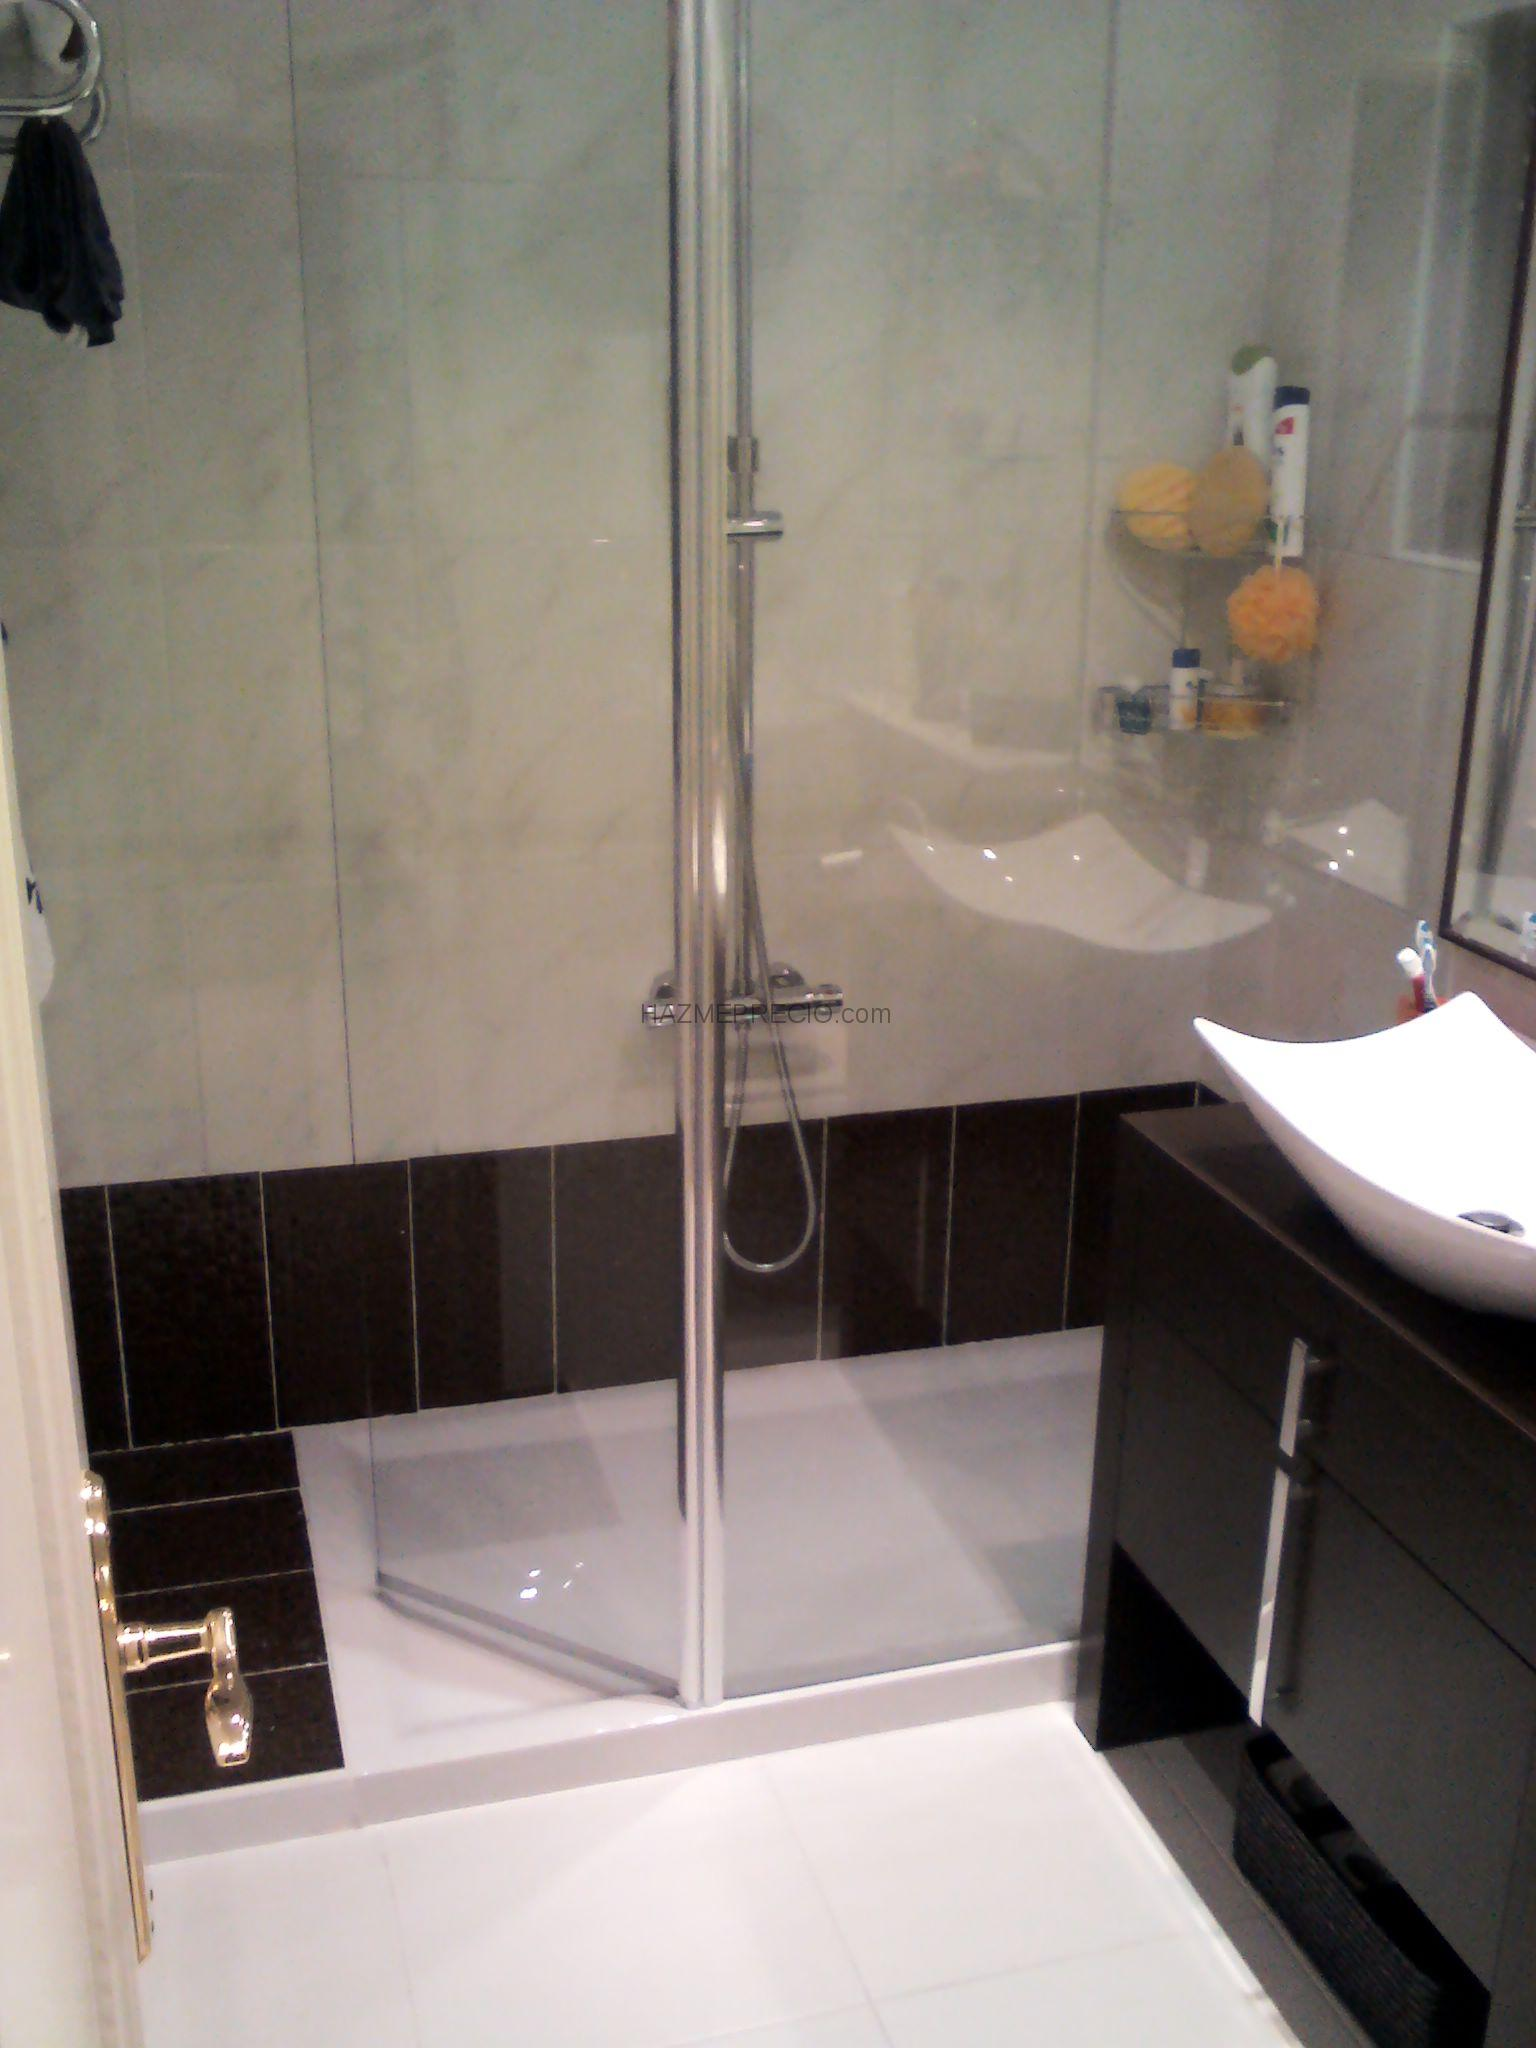 Baños Con Ducha Reformados: plato de ducha: colocacion de mampara y mueble a juego con el azulejo